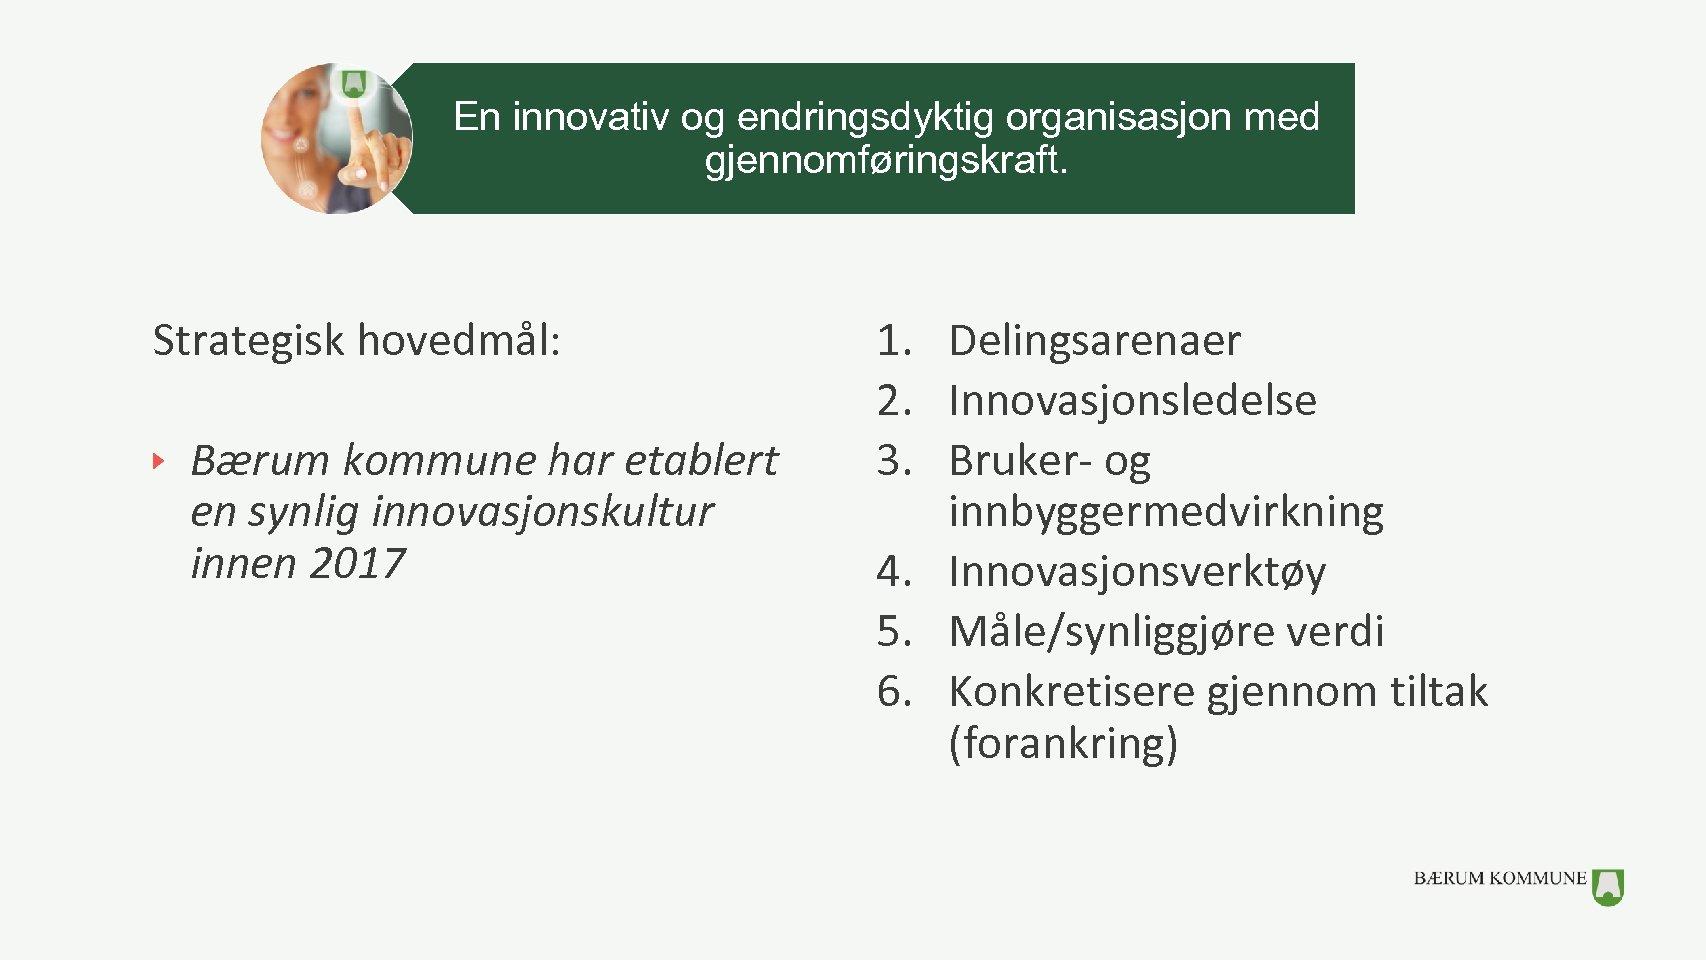 En innovativ og endringsdyktig organisasjon med gjennomføringskraft. Strategisk hovedmål: Bærum kommune har etablert en